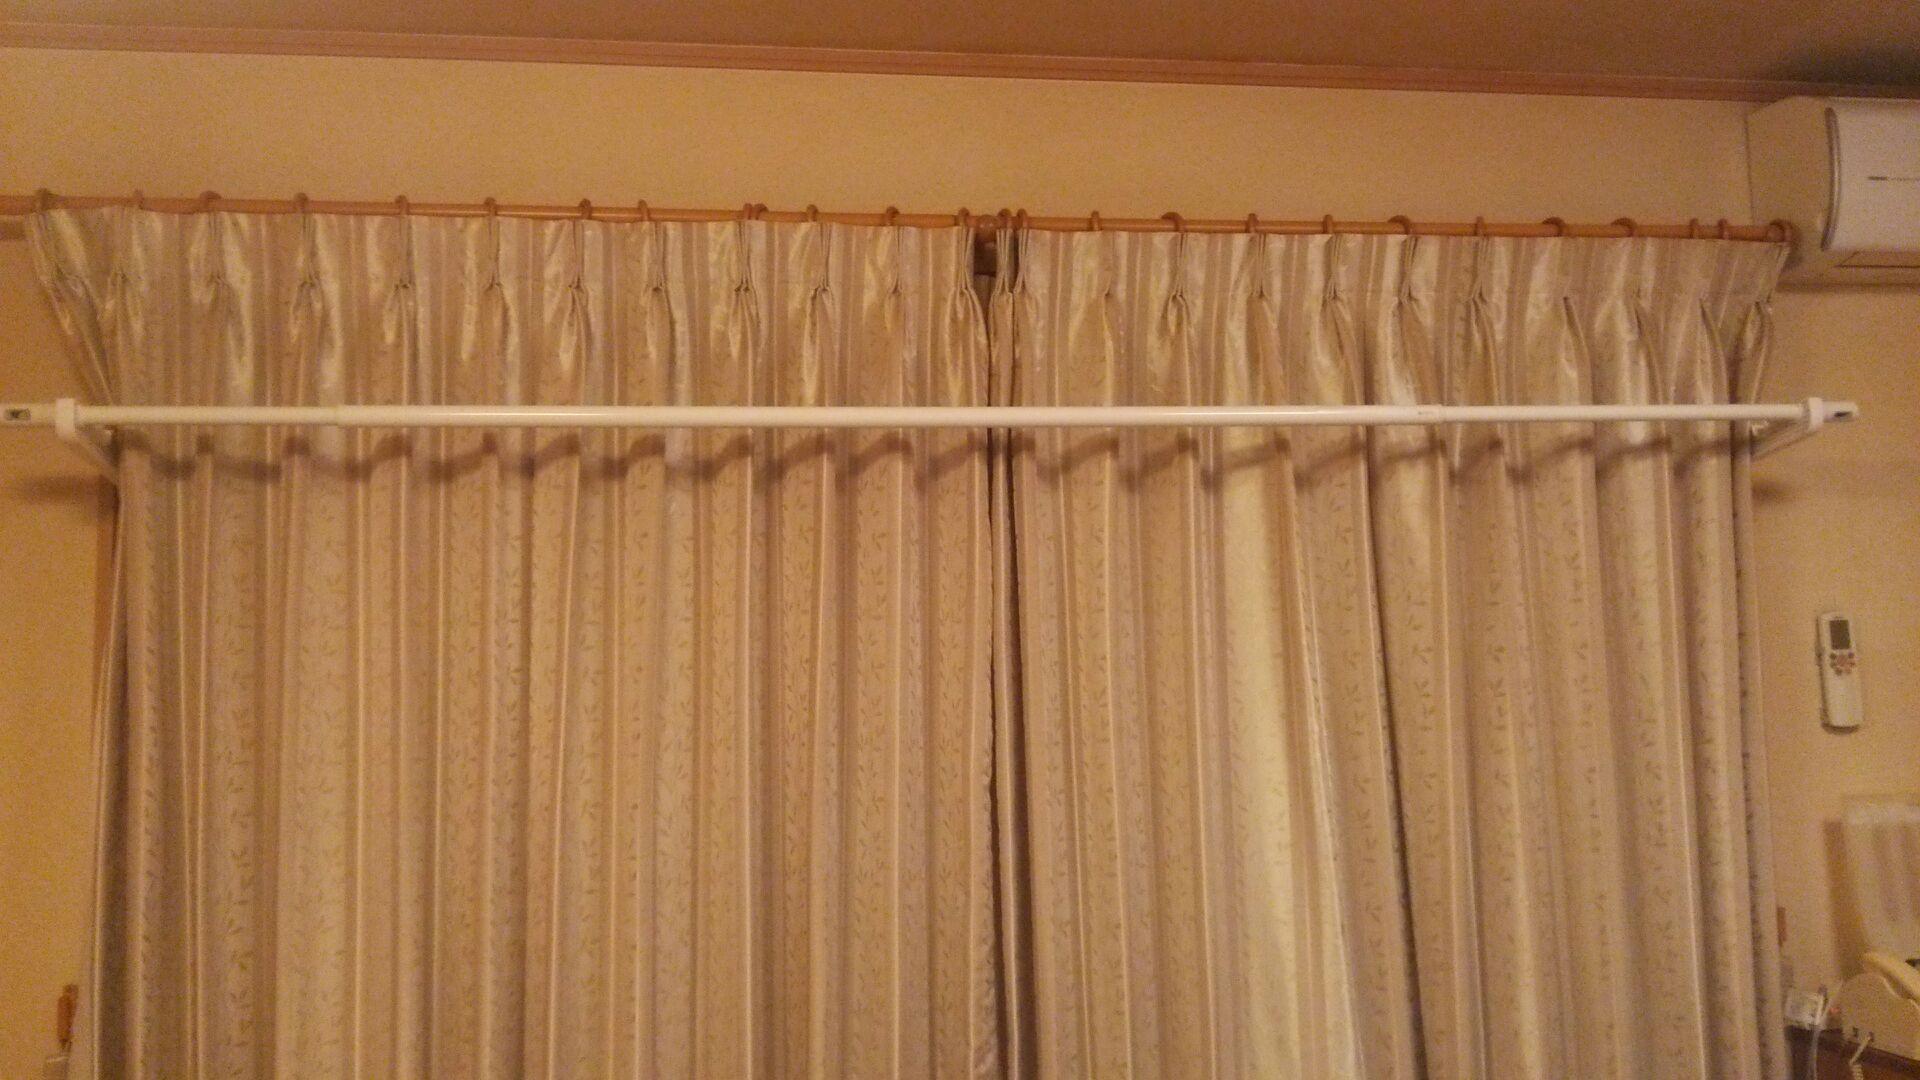 室内物干し 窓枠 物干し MW-260R 送料無料 ...のレビュー・口コミ